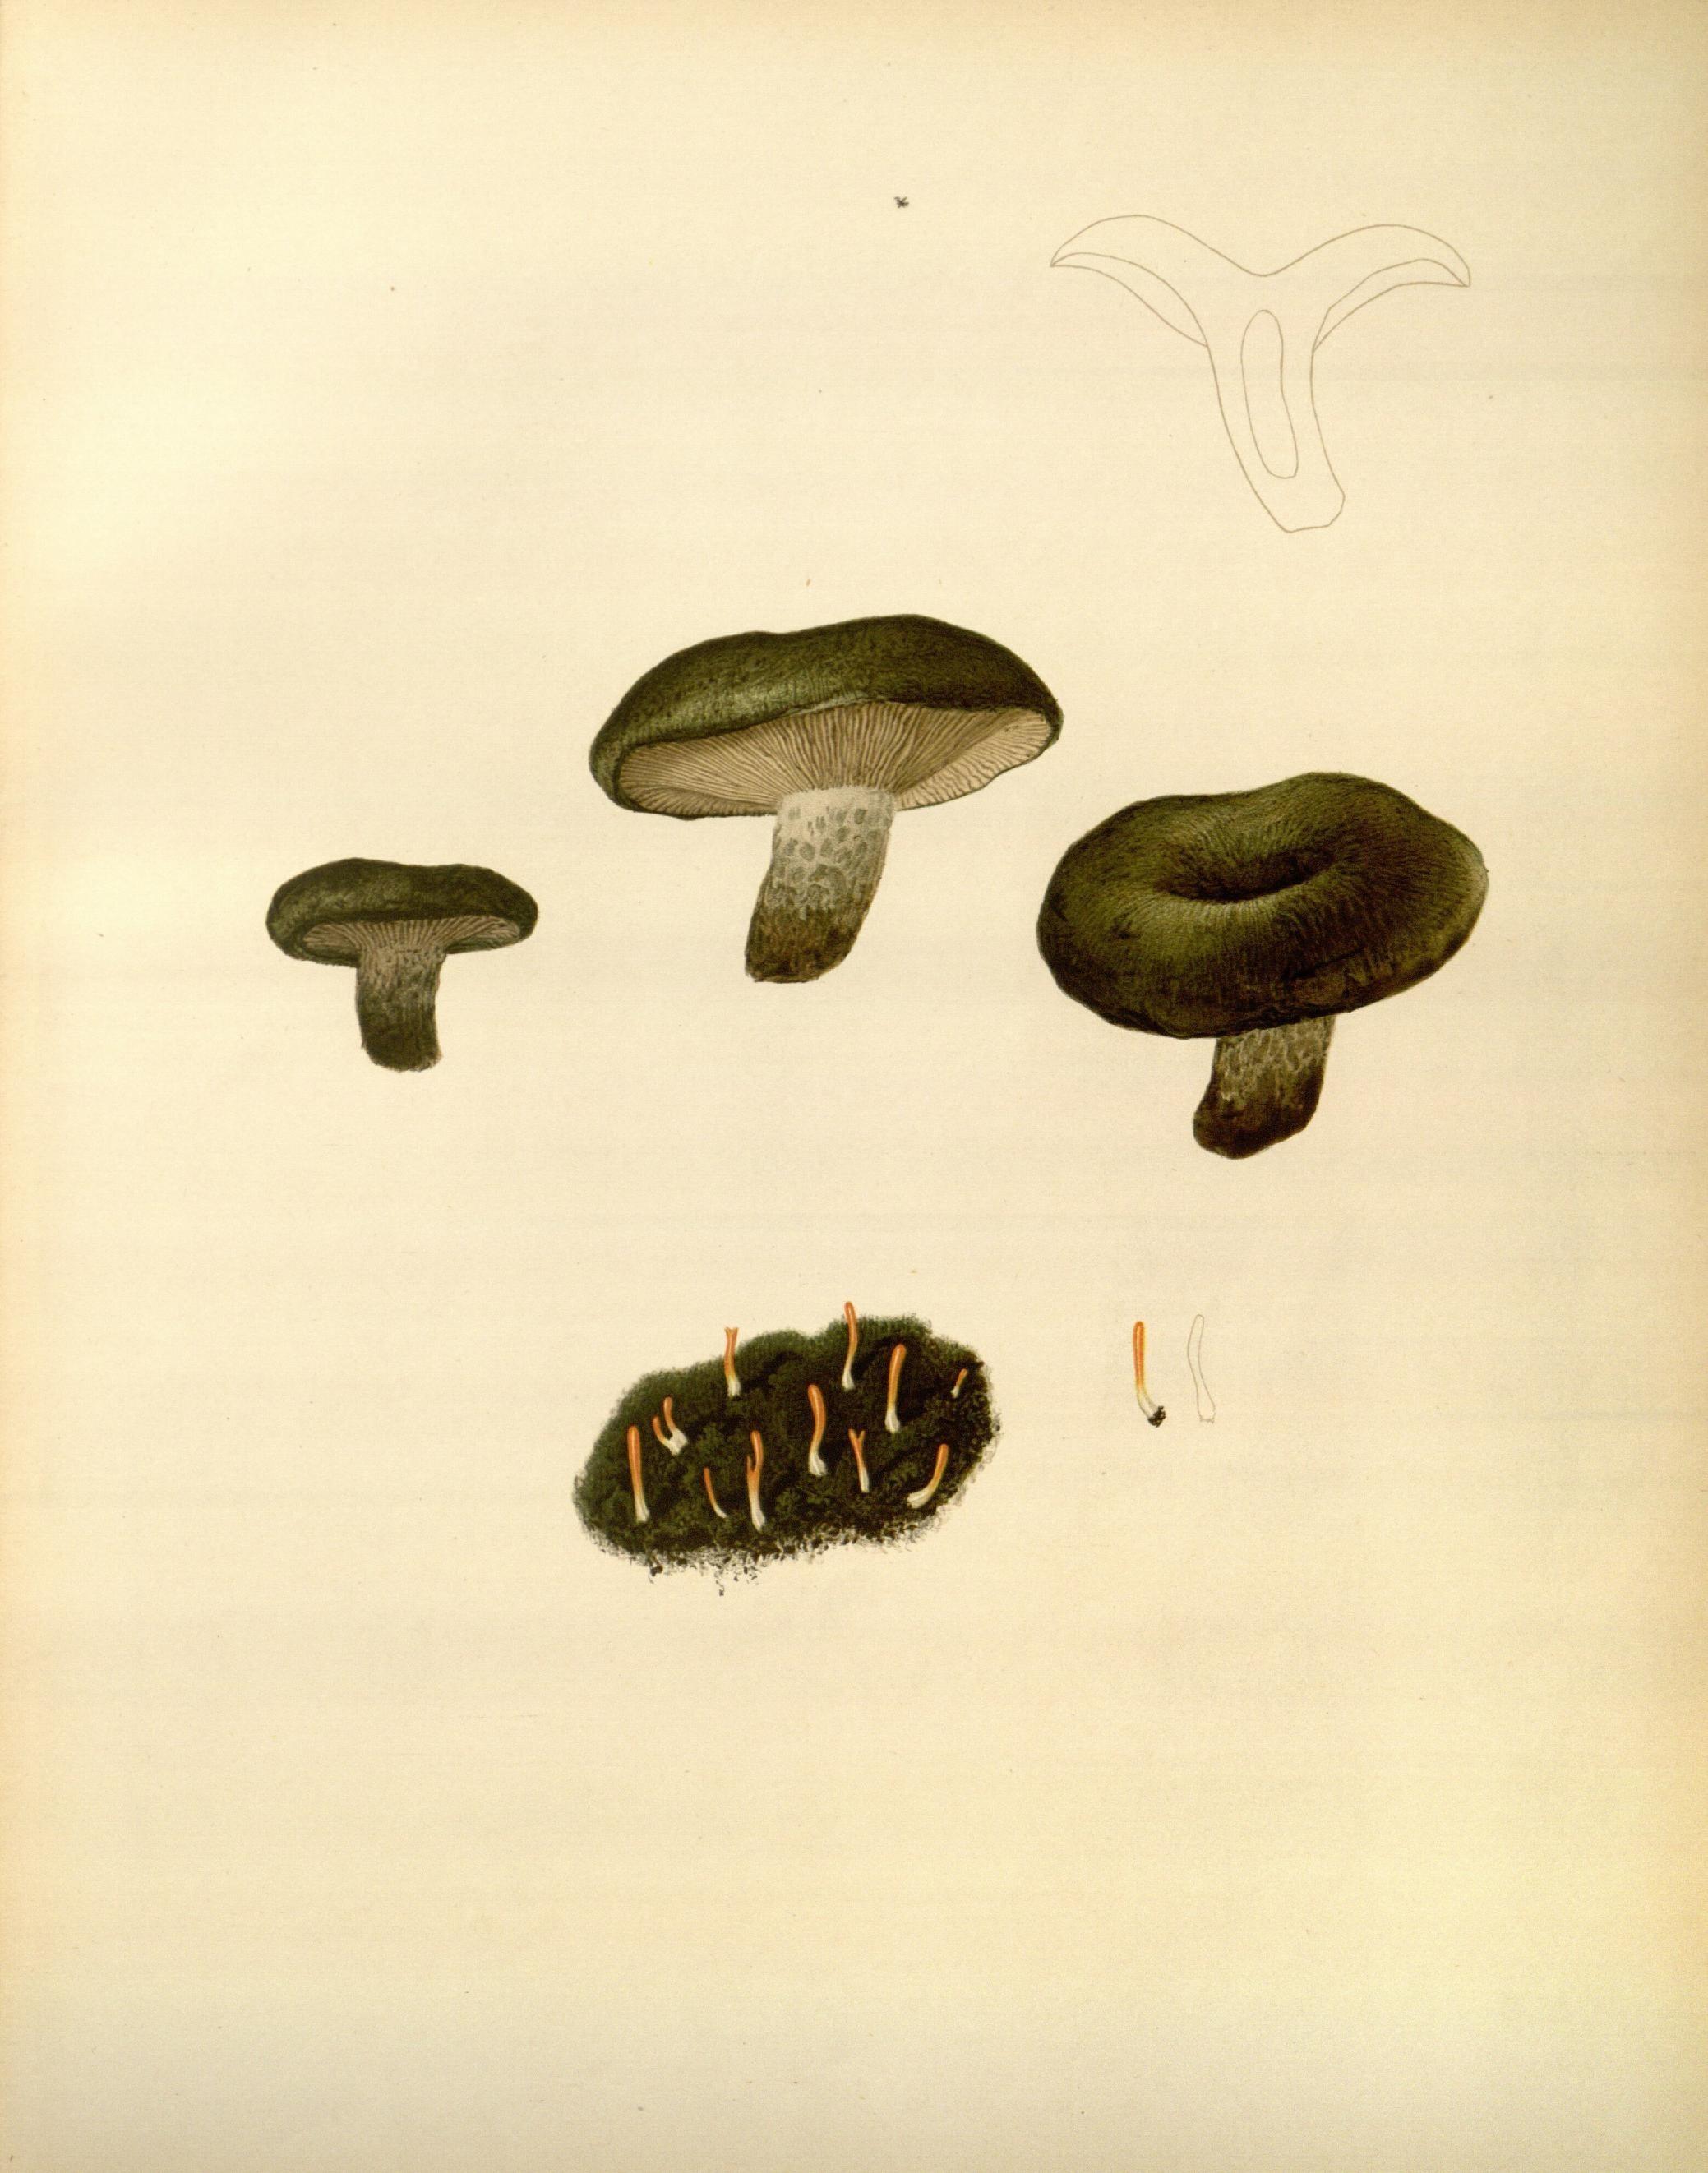 Image of spring club lichen